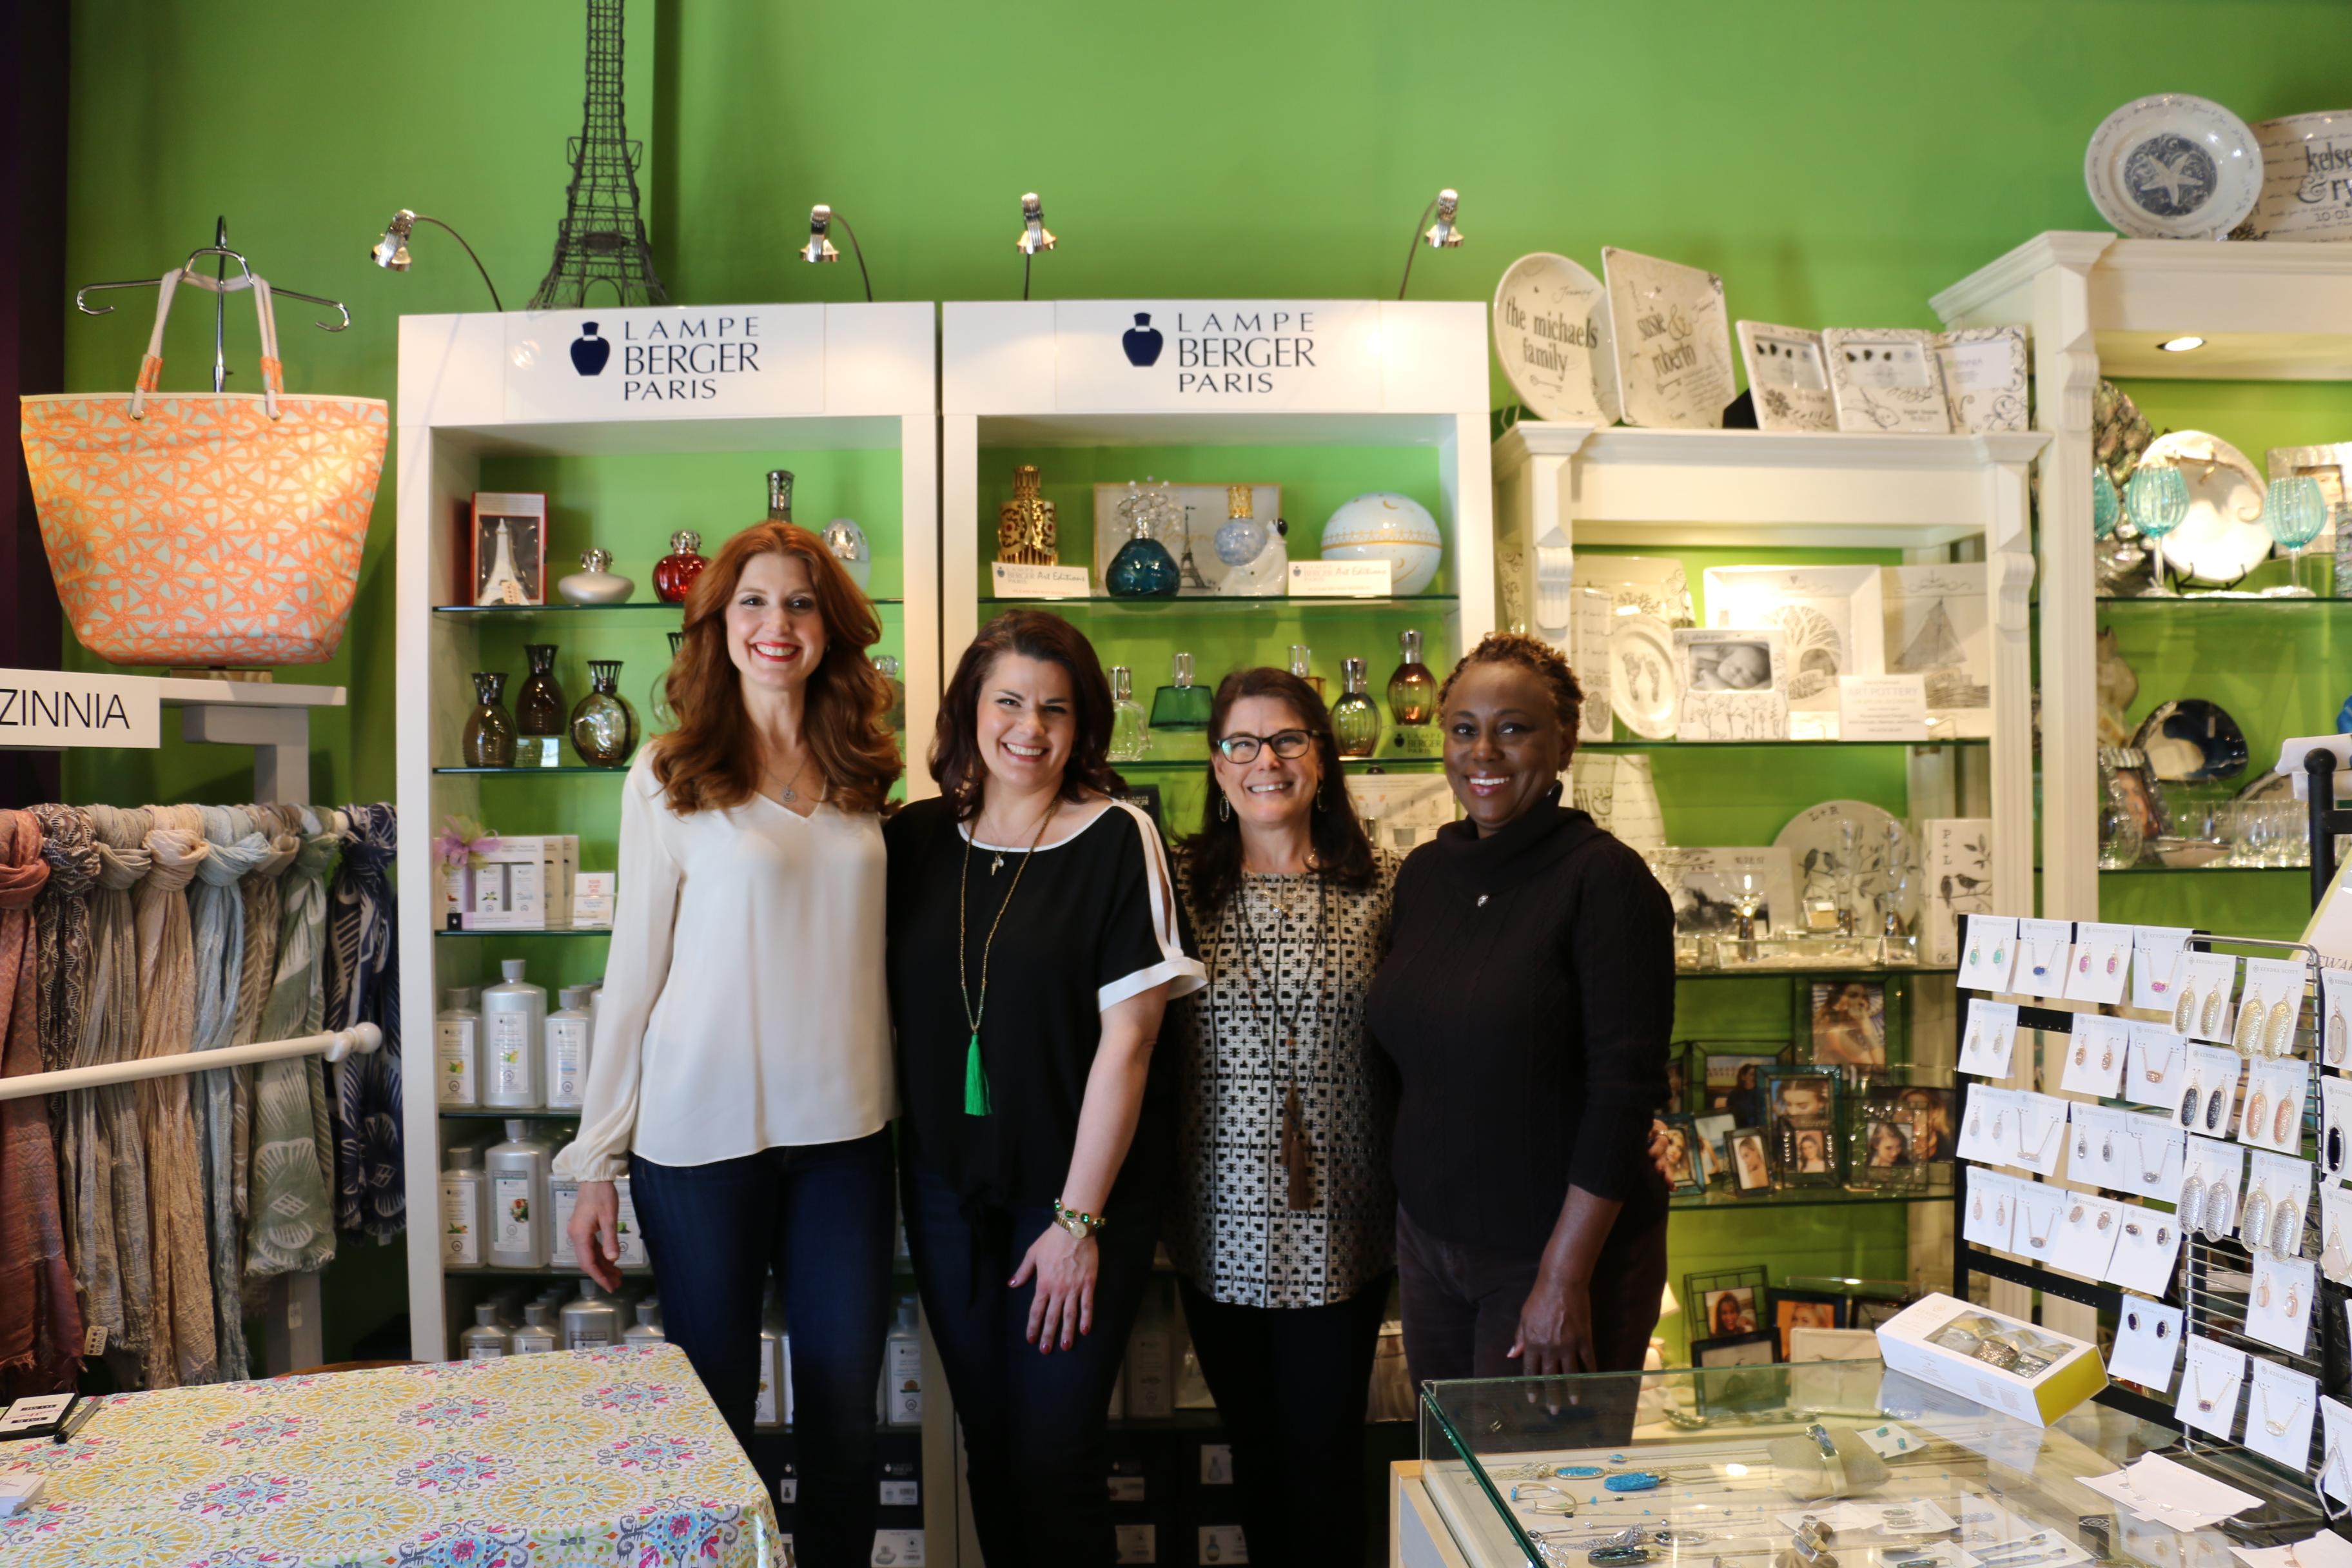 Julia Fowler, Kelly Wischerath, Terri Wischerath and Queen Johnson.